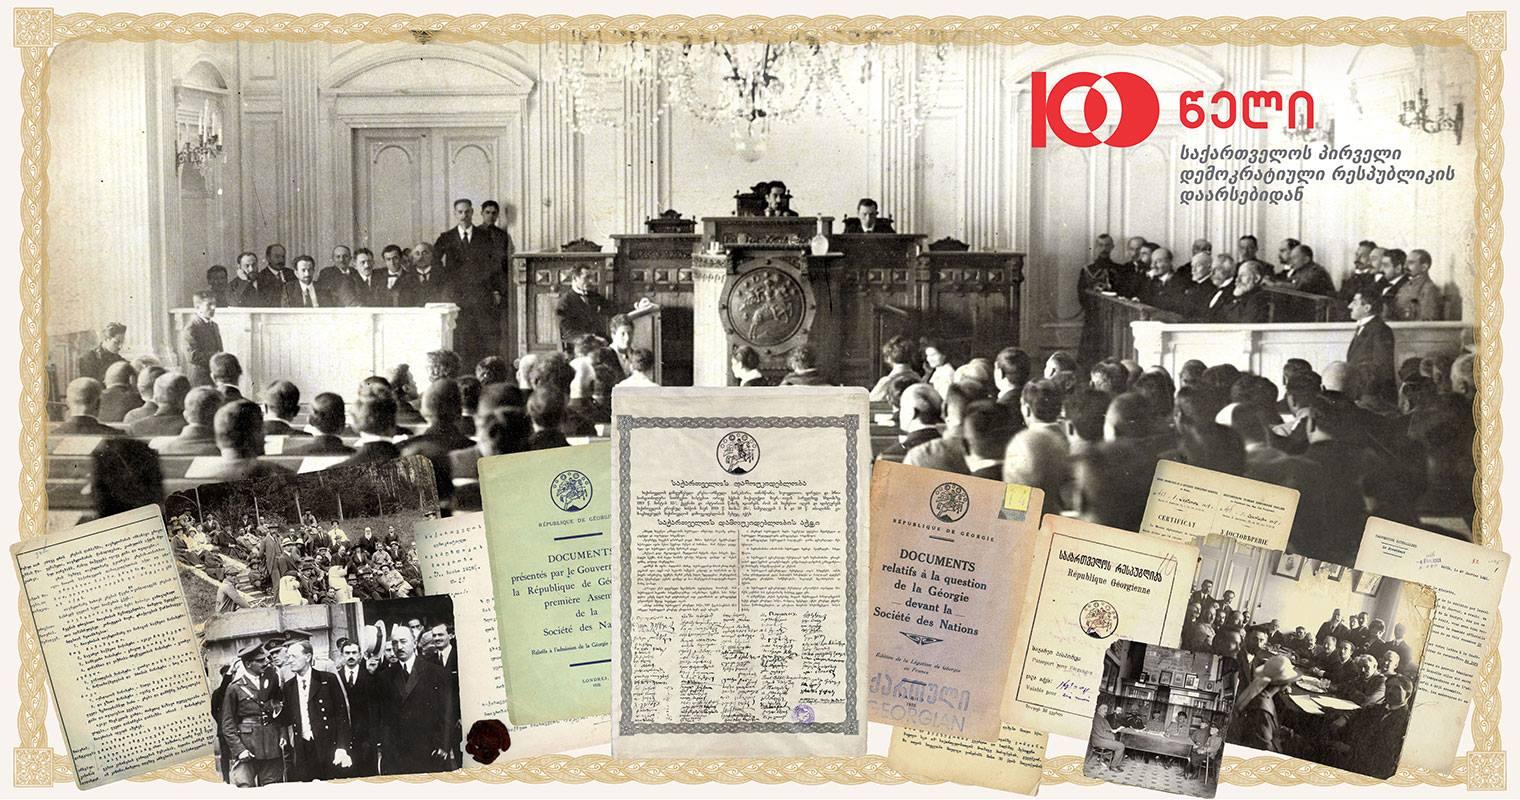 დამოუკიდებლობის 1028 დღე - საქართველოს დემოკრატიული რესპუბლიკის 100 წლისთავისადმი მიძღვნილი ღონისძიებები